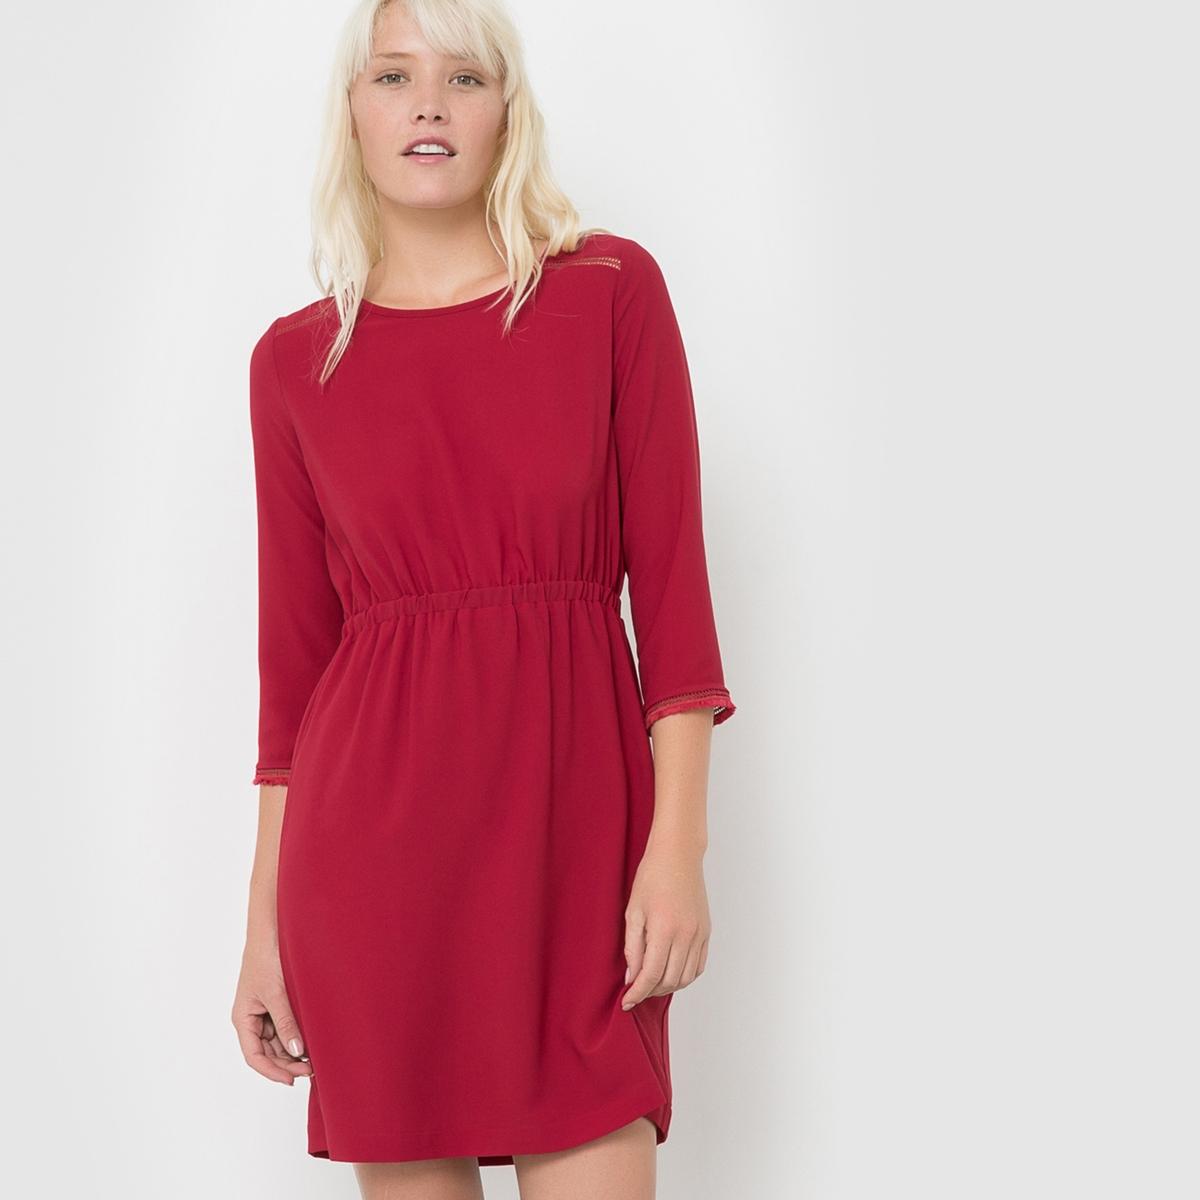 Платье с рукавами 3/4 COCO платье без рукавов suncoo